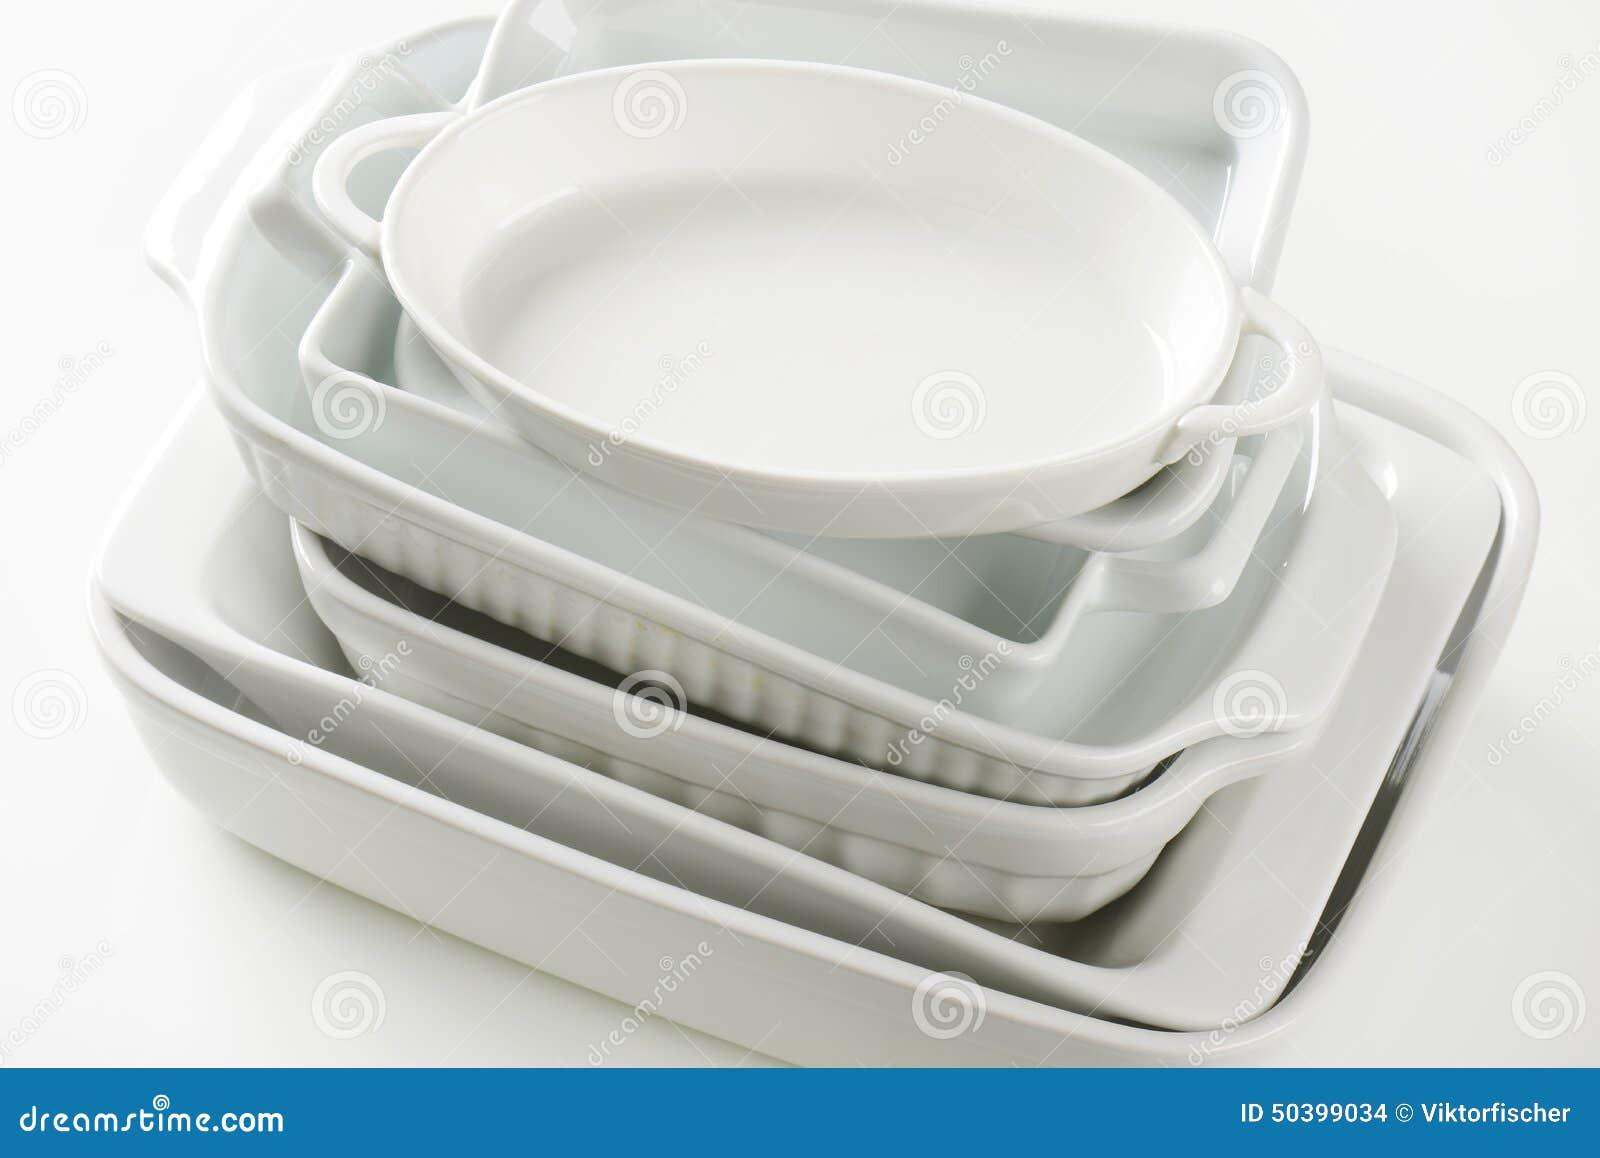 烘烤盘品种